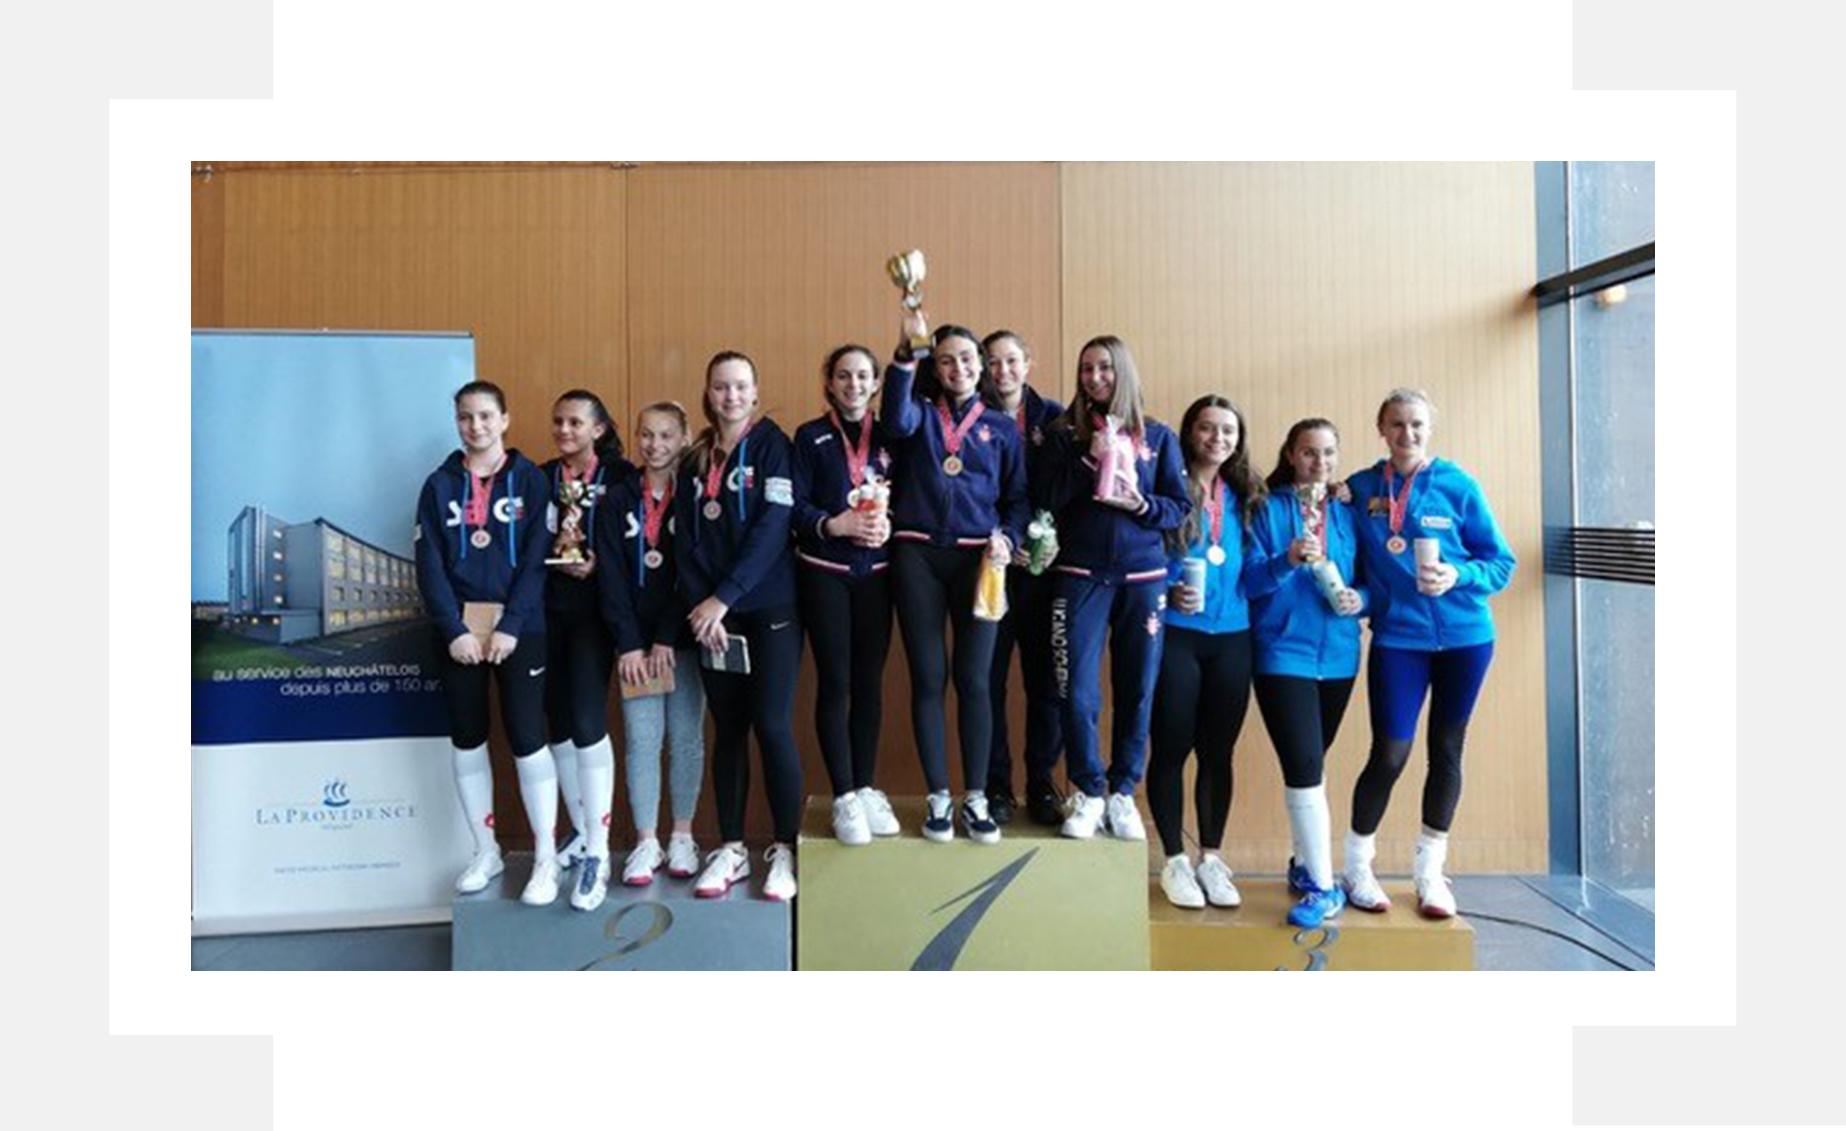 Le ragazze di Lugano Scherma campionesse svizzere Under 17